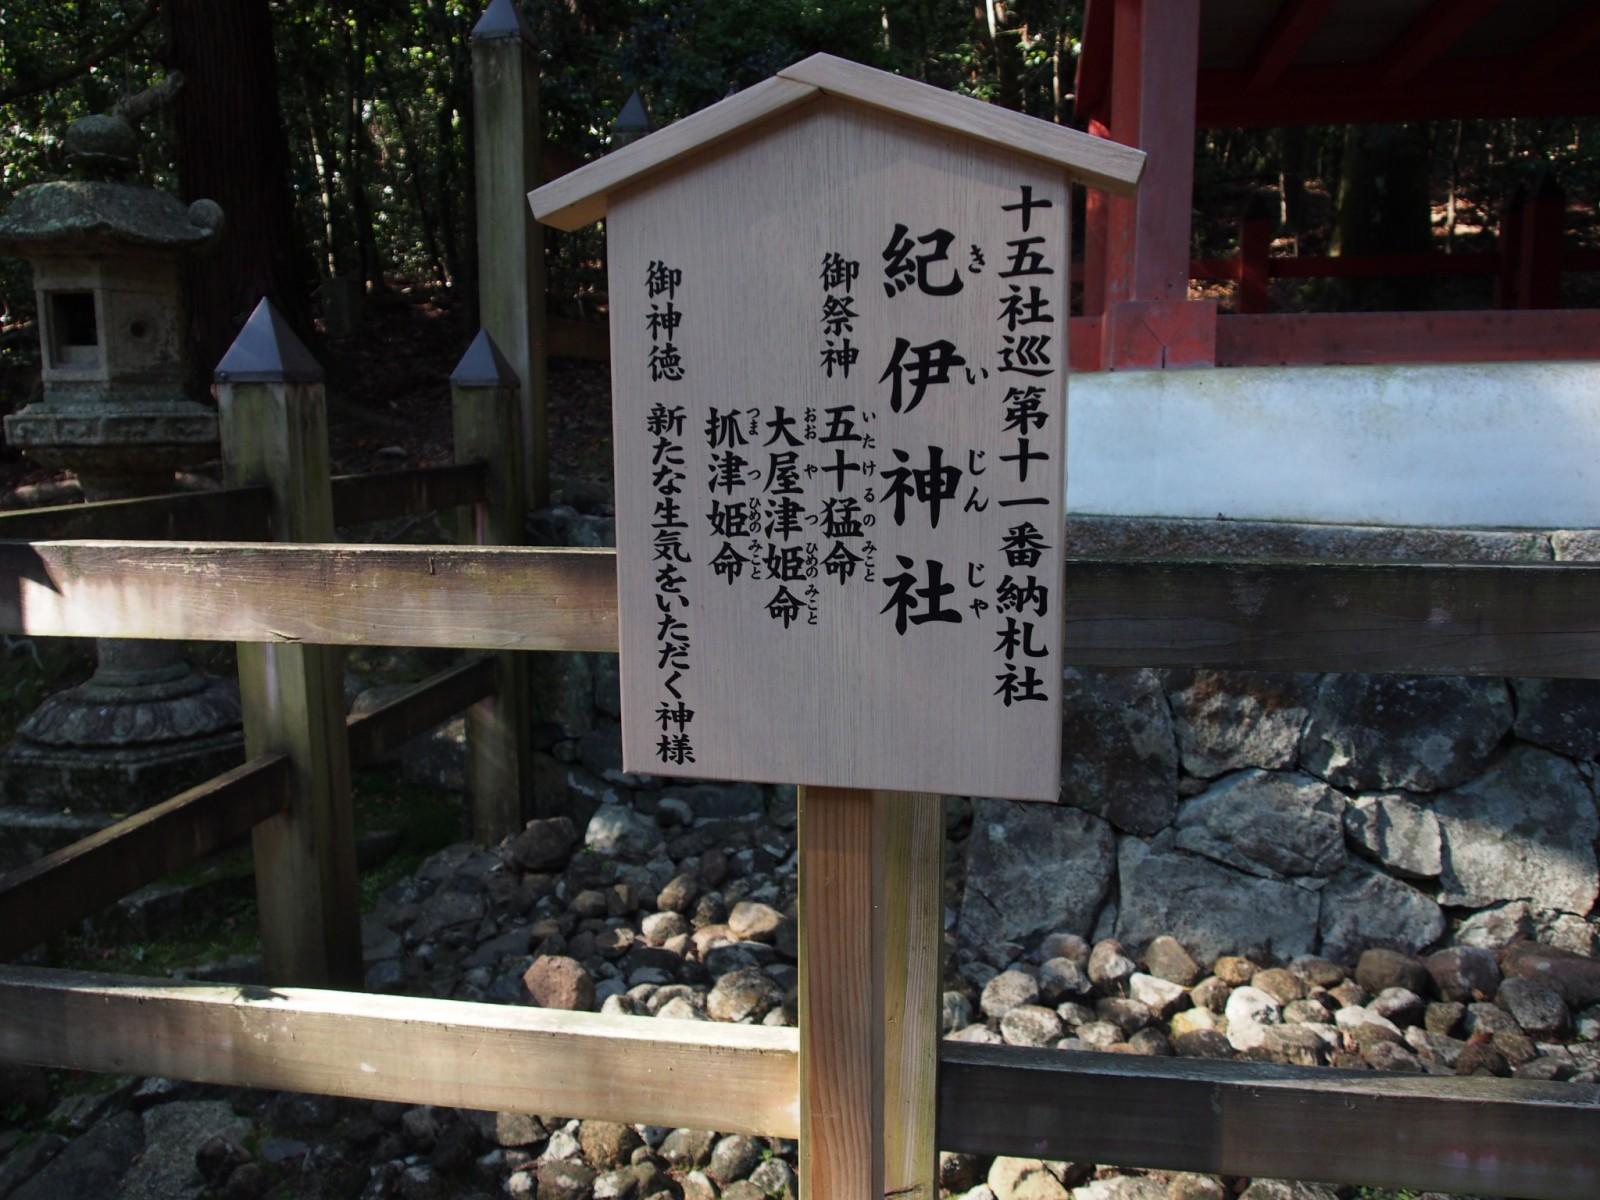 紀伊神社の案内板